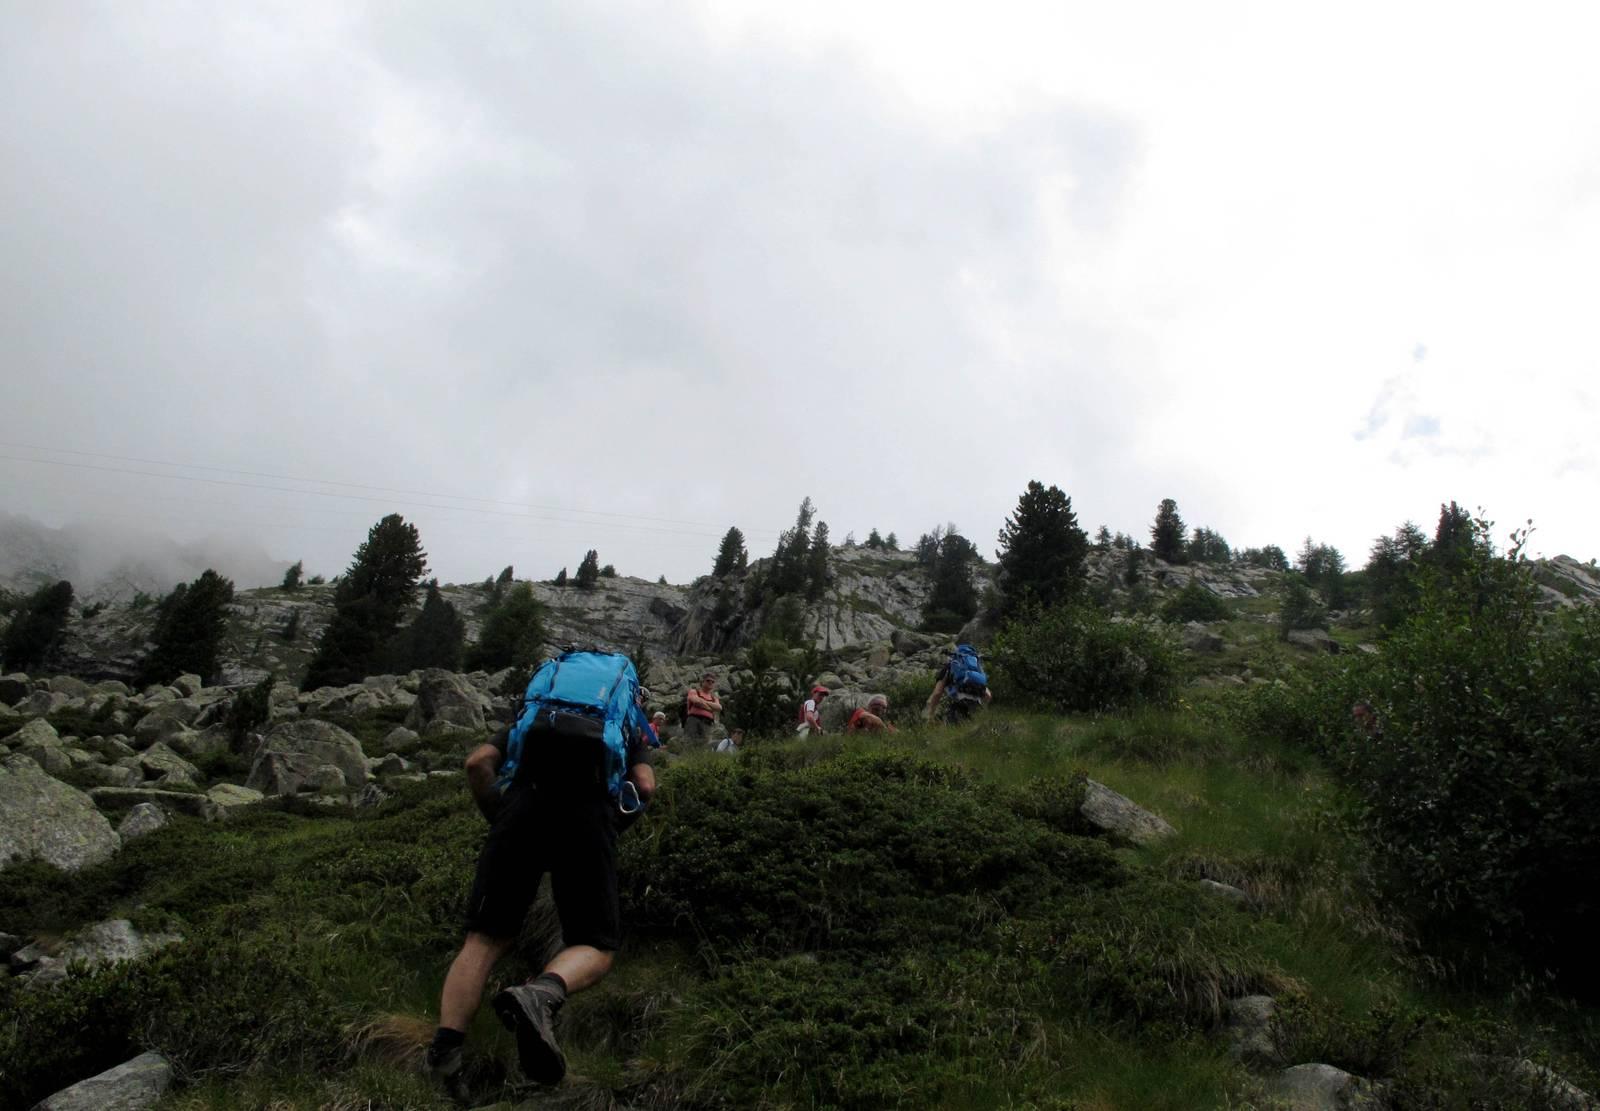 Passi-nella-neve-9-agosto-2014_Narrazione-in-cammino-destinazione-Garibaldi36 Copia